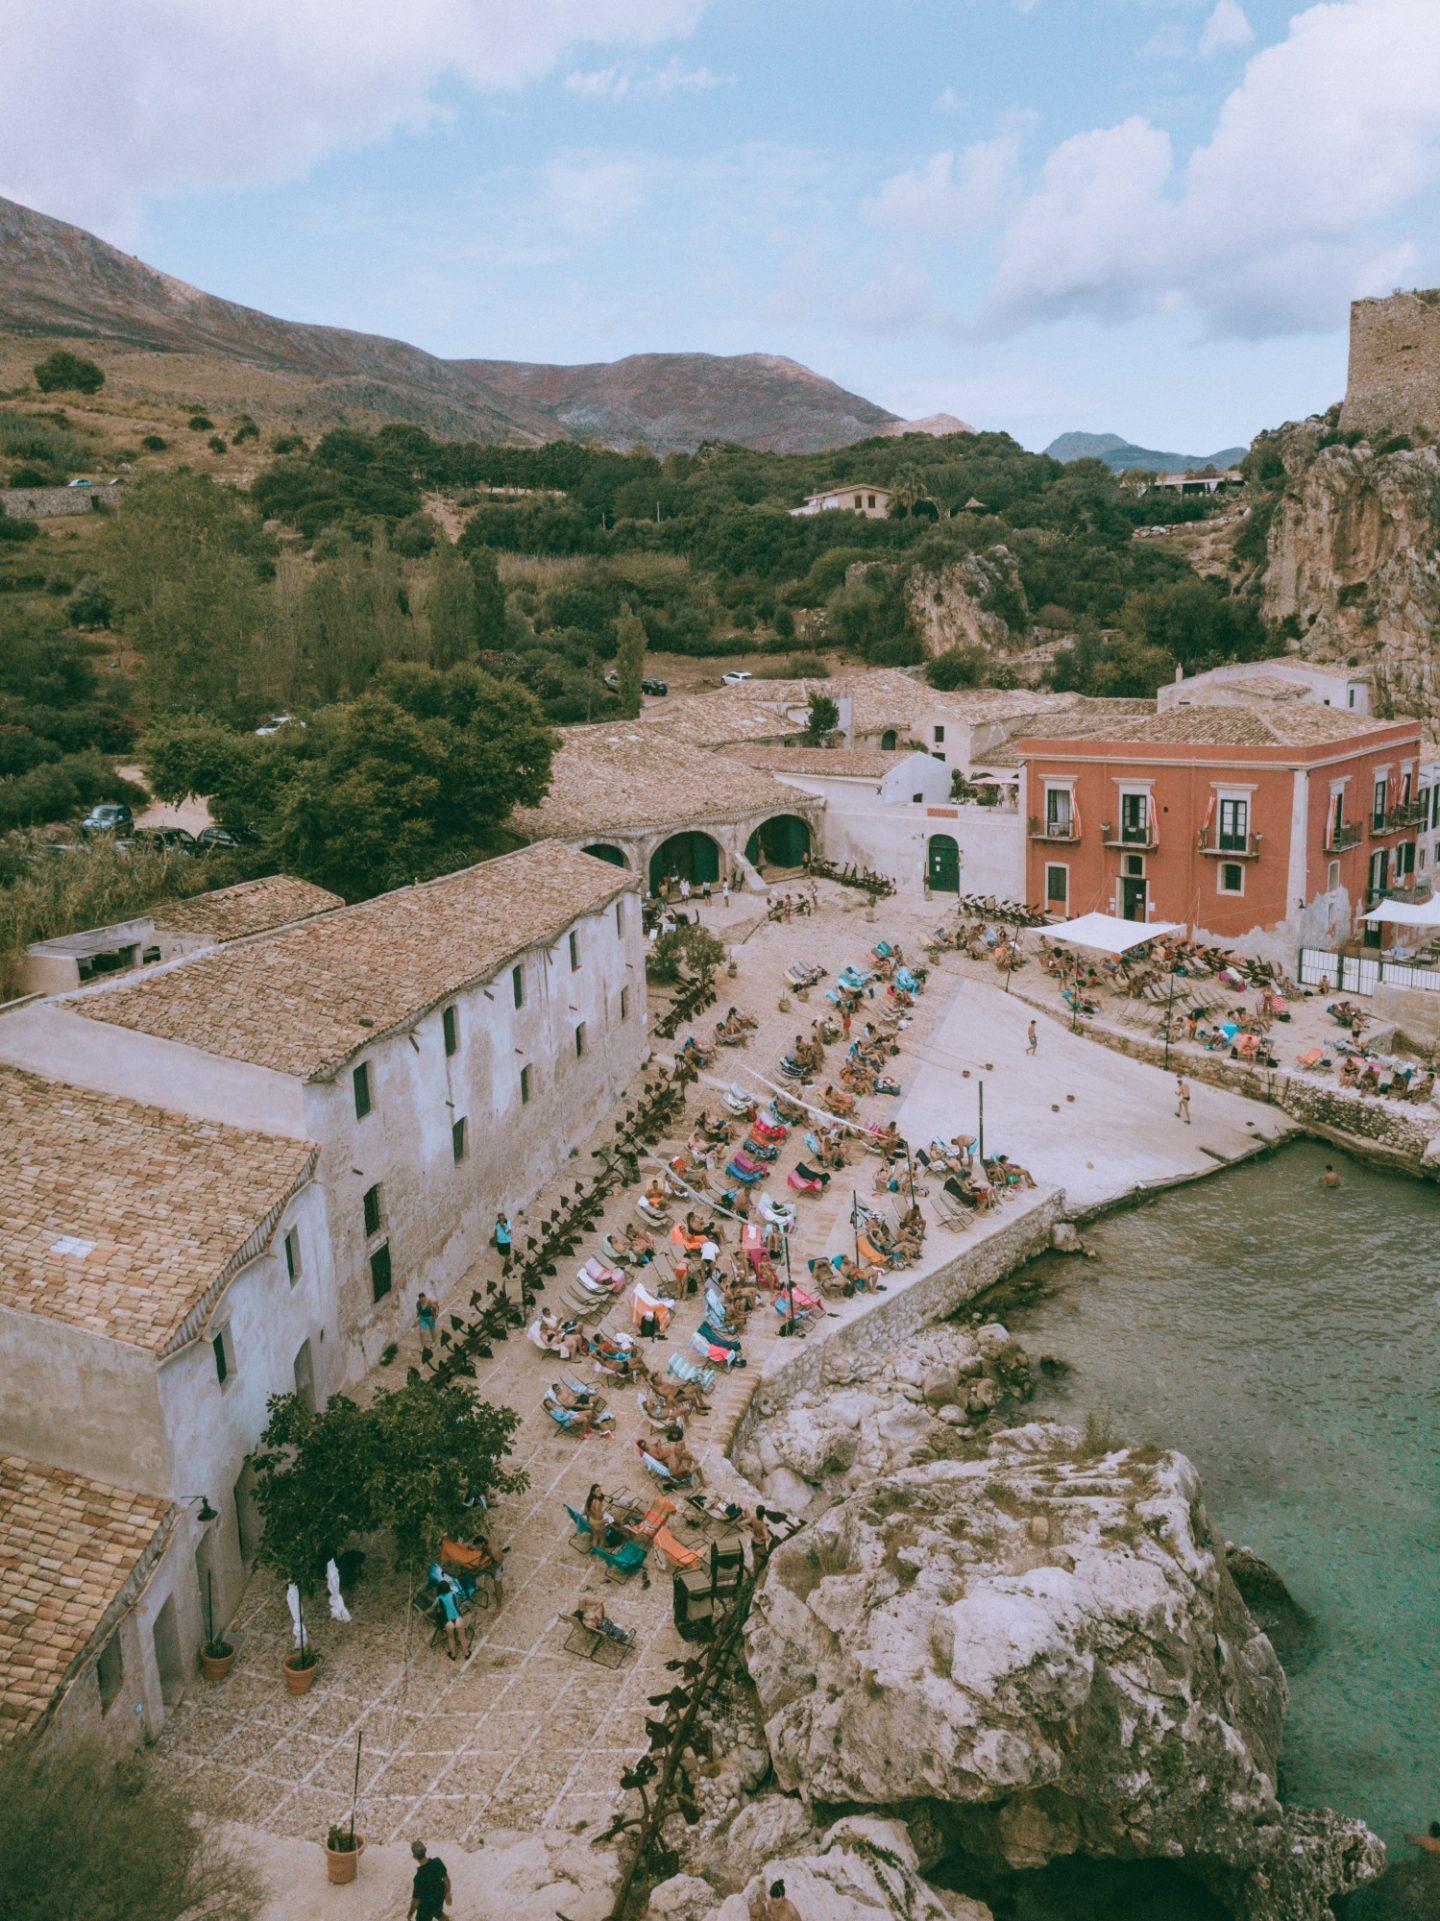 Visiter Scopello Sicile - Blondie Baby blog voyages